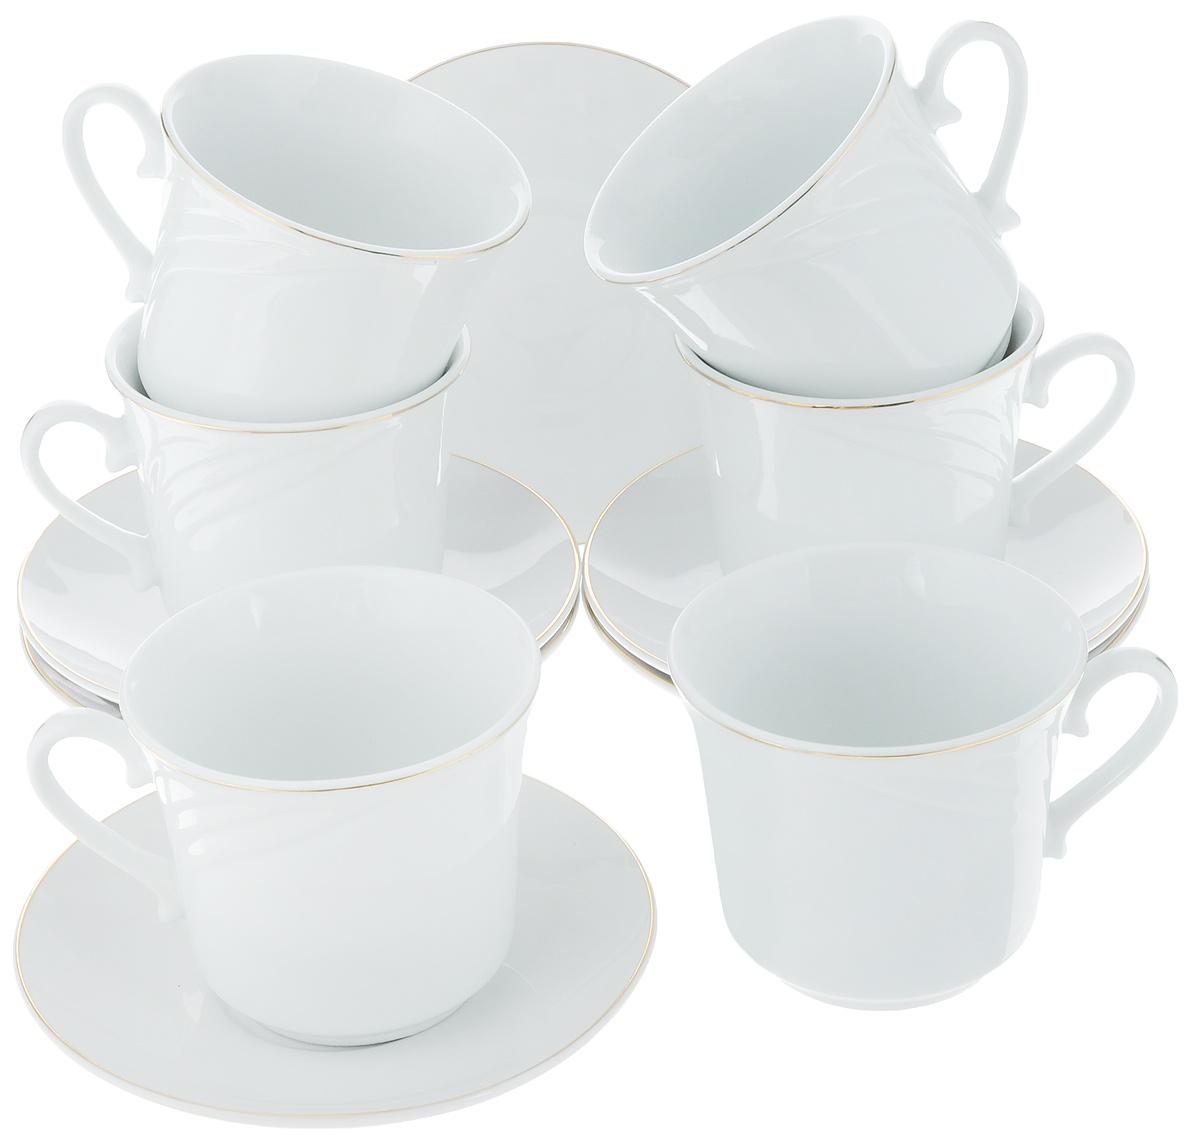 Набор чайный Loraine, 12 предметов. 2561525615Набор имеет красивый нежный дизайн. Состоит из 12 предметов: чашка-6 шт (220 мл) и блюдце-6 шт. Набор изготовлен из качественной керамики. Керамика безопасна для здоровья и надолго сохраняет тепло напитка. Изысканно белый цвет с золотым декором придает набору элегантный вид. Набор аккуратно сложен в подарочную упаковку. Размеры: чашка - D8,5 х7 см, блюдце - D13,5 см. Станет прекрасным украшением сервировки стола, а процесс чаепития превратится в одно удовольствие! Прекрасный выбор для подарка родным и друзьям.